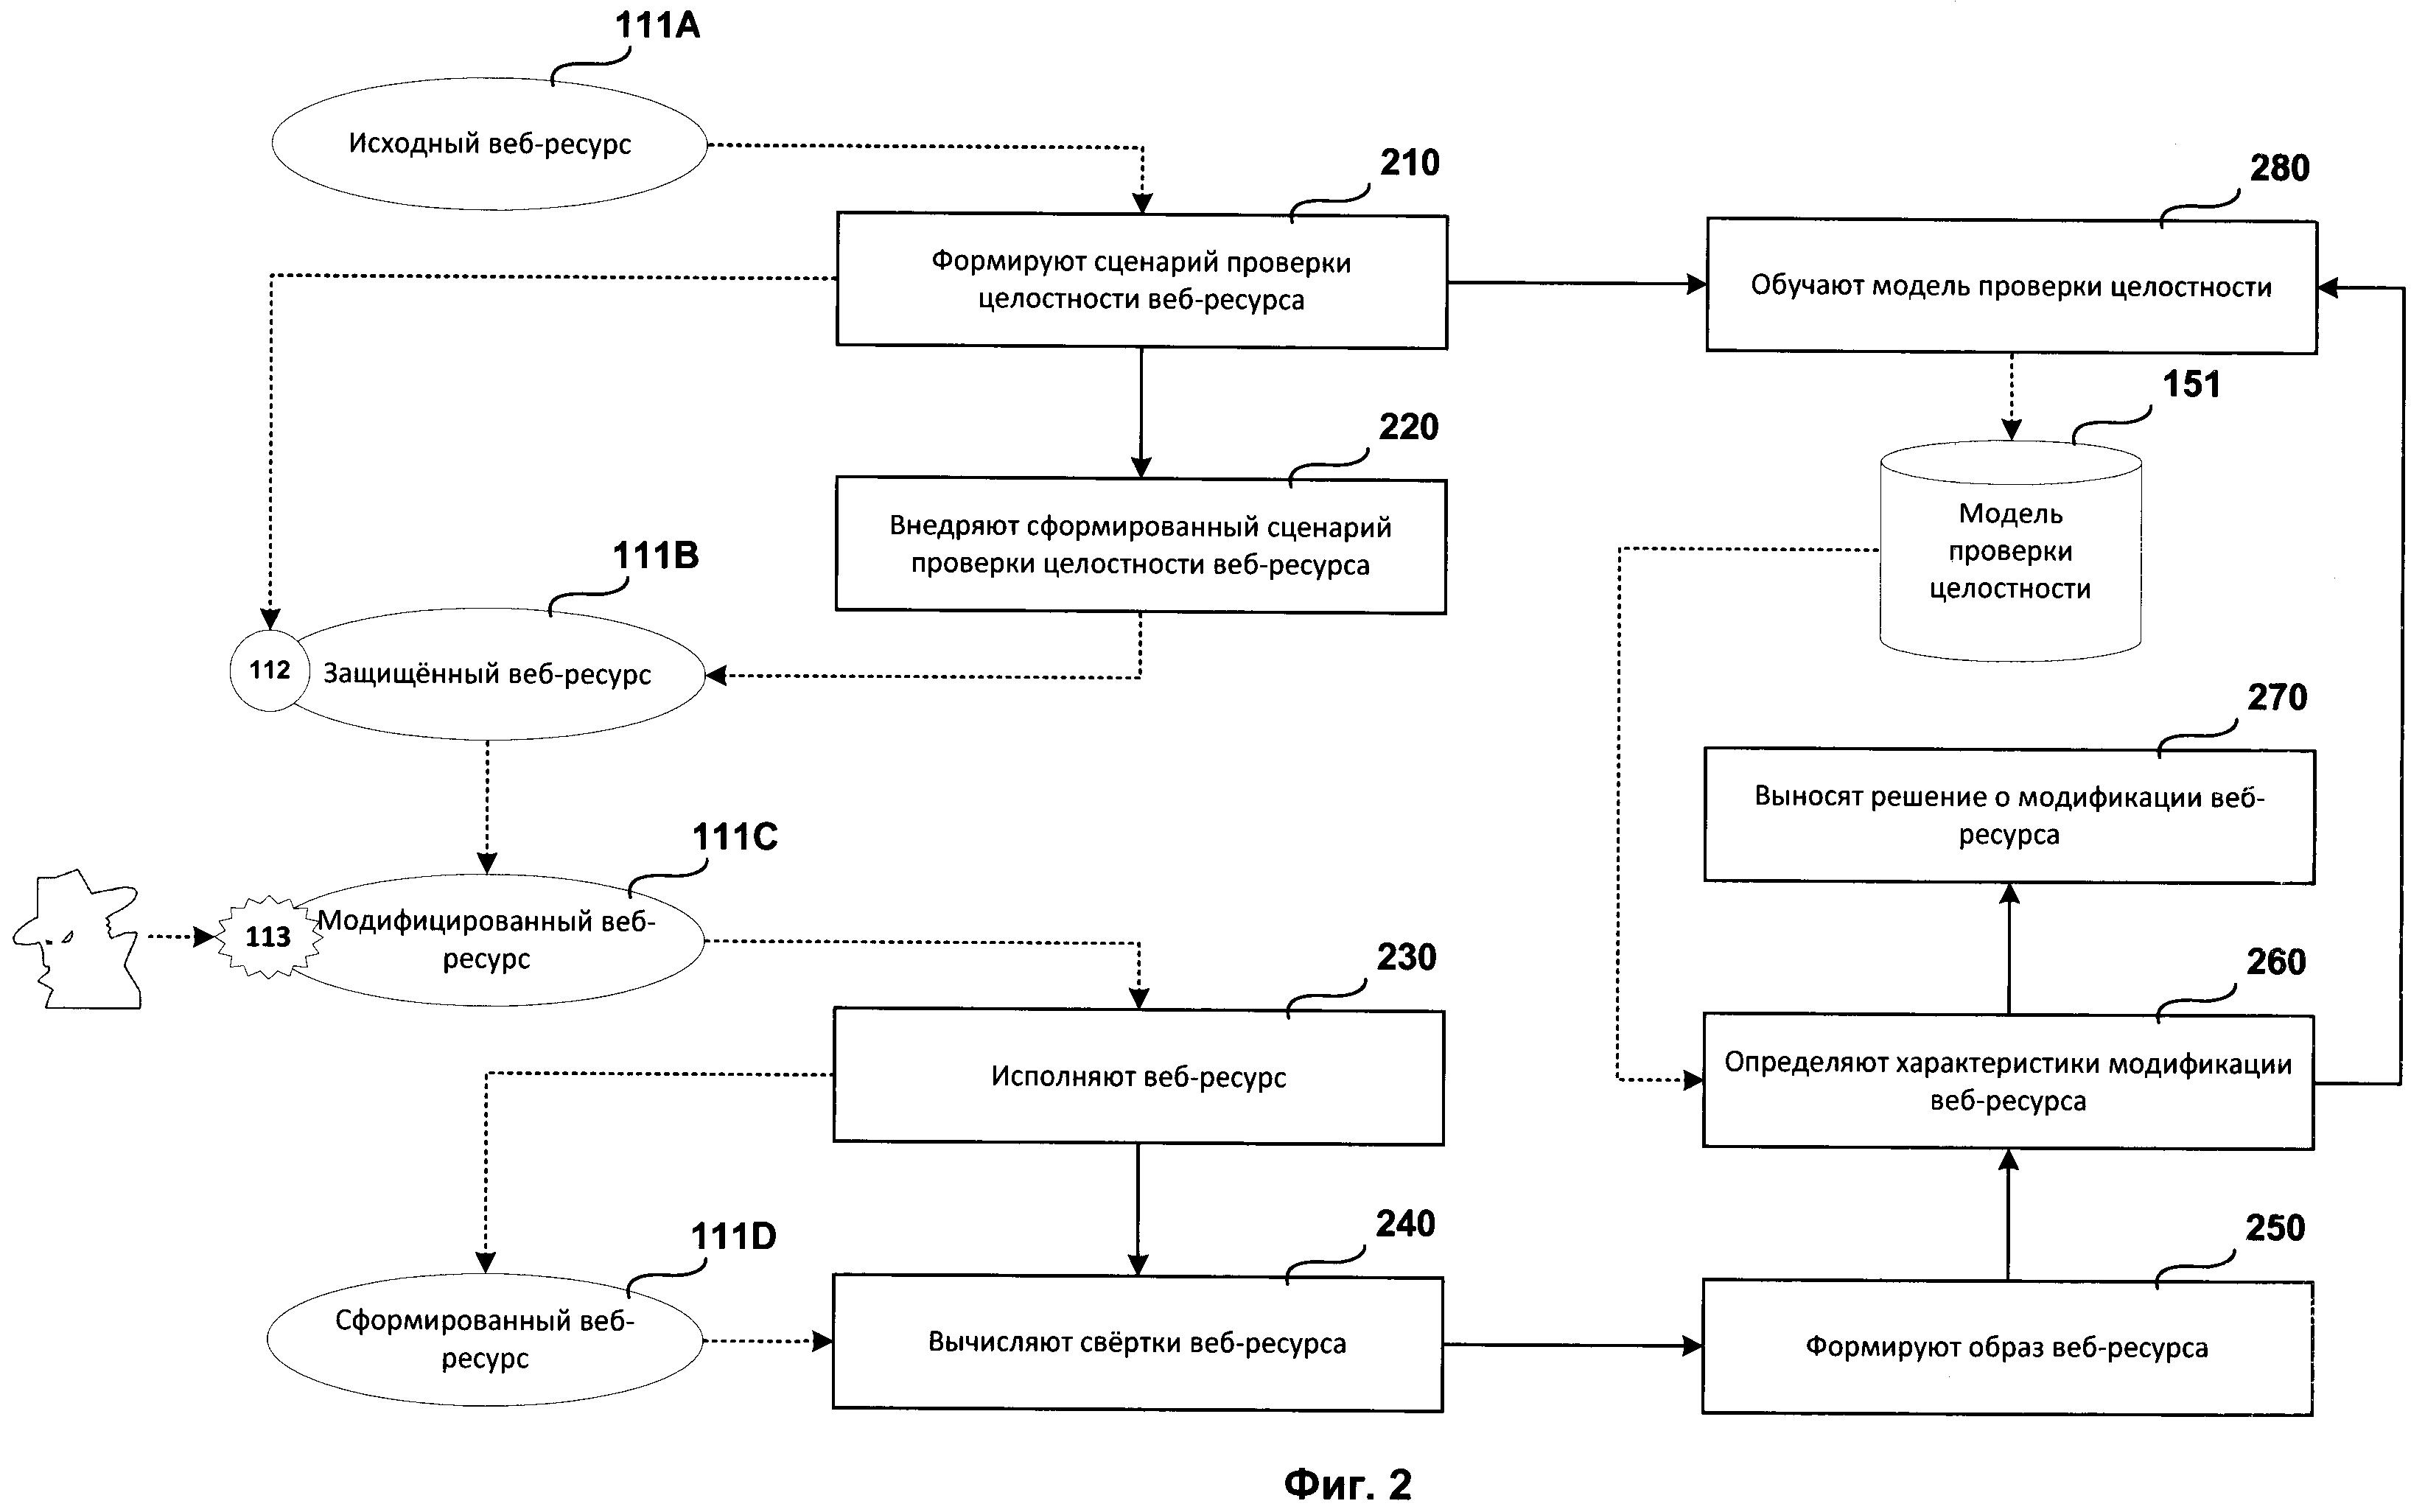 Система и способ обнаружения модификации веб-ресурса